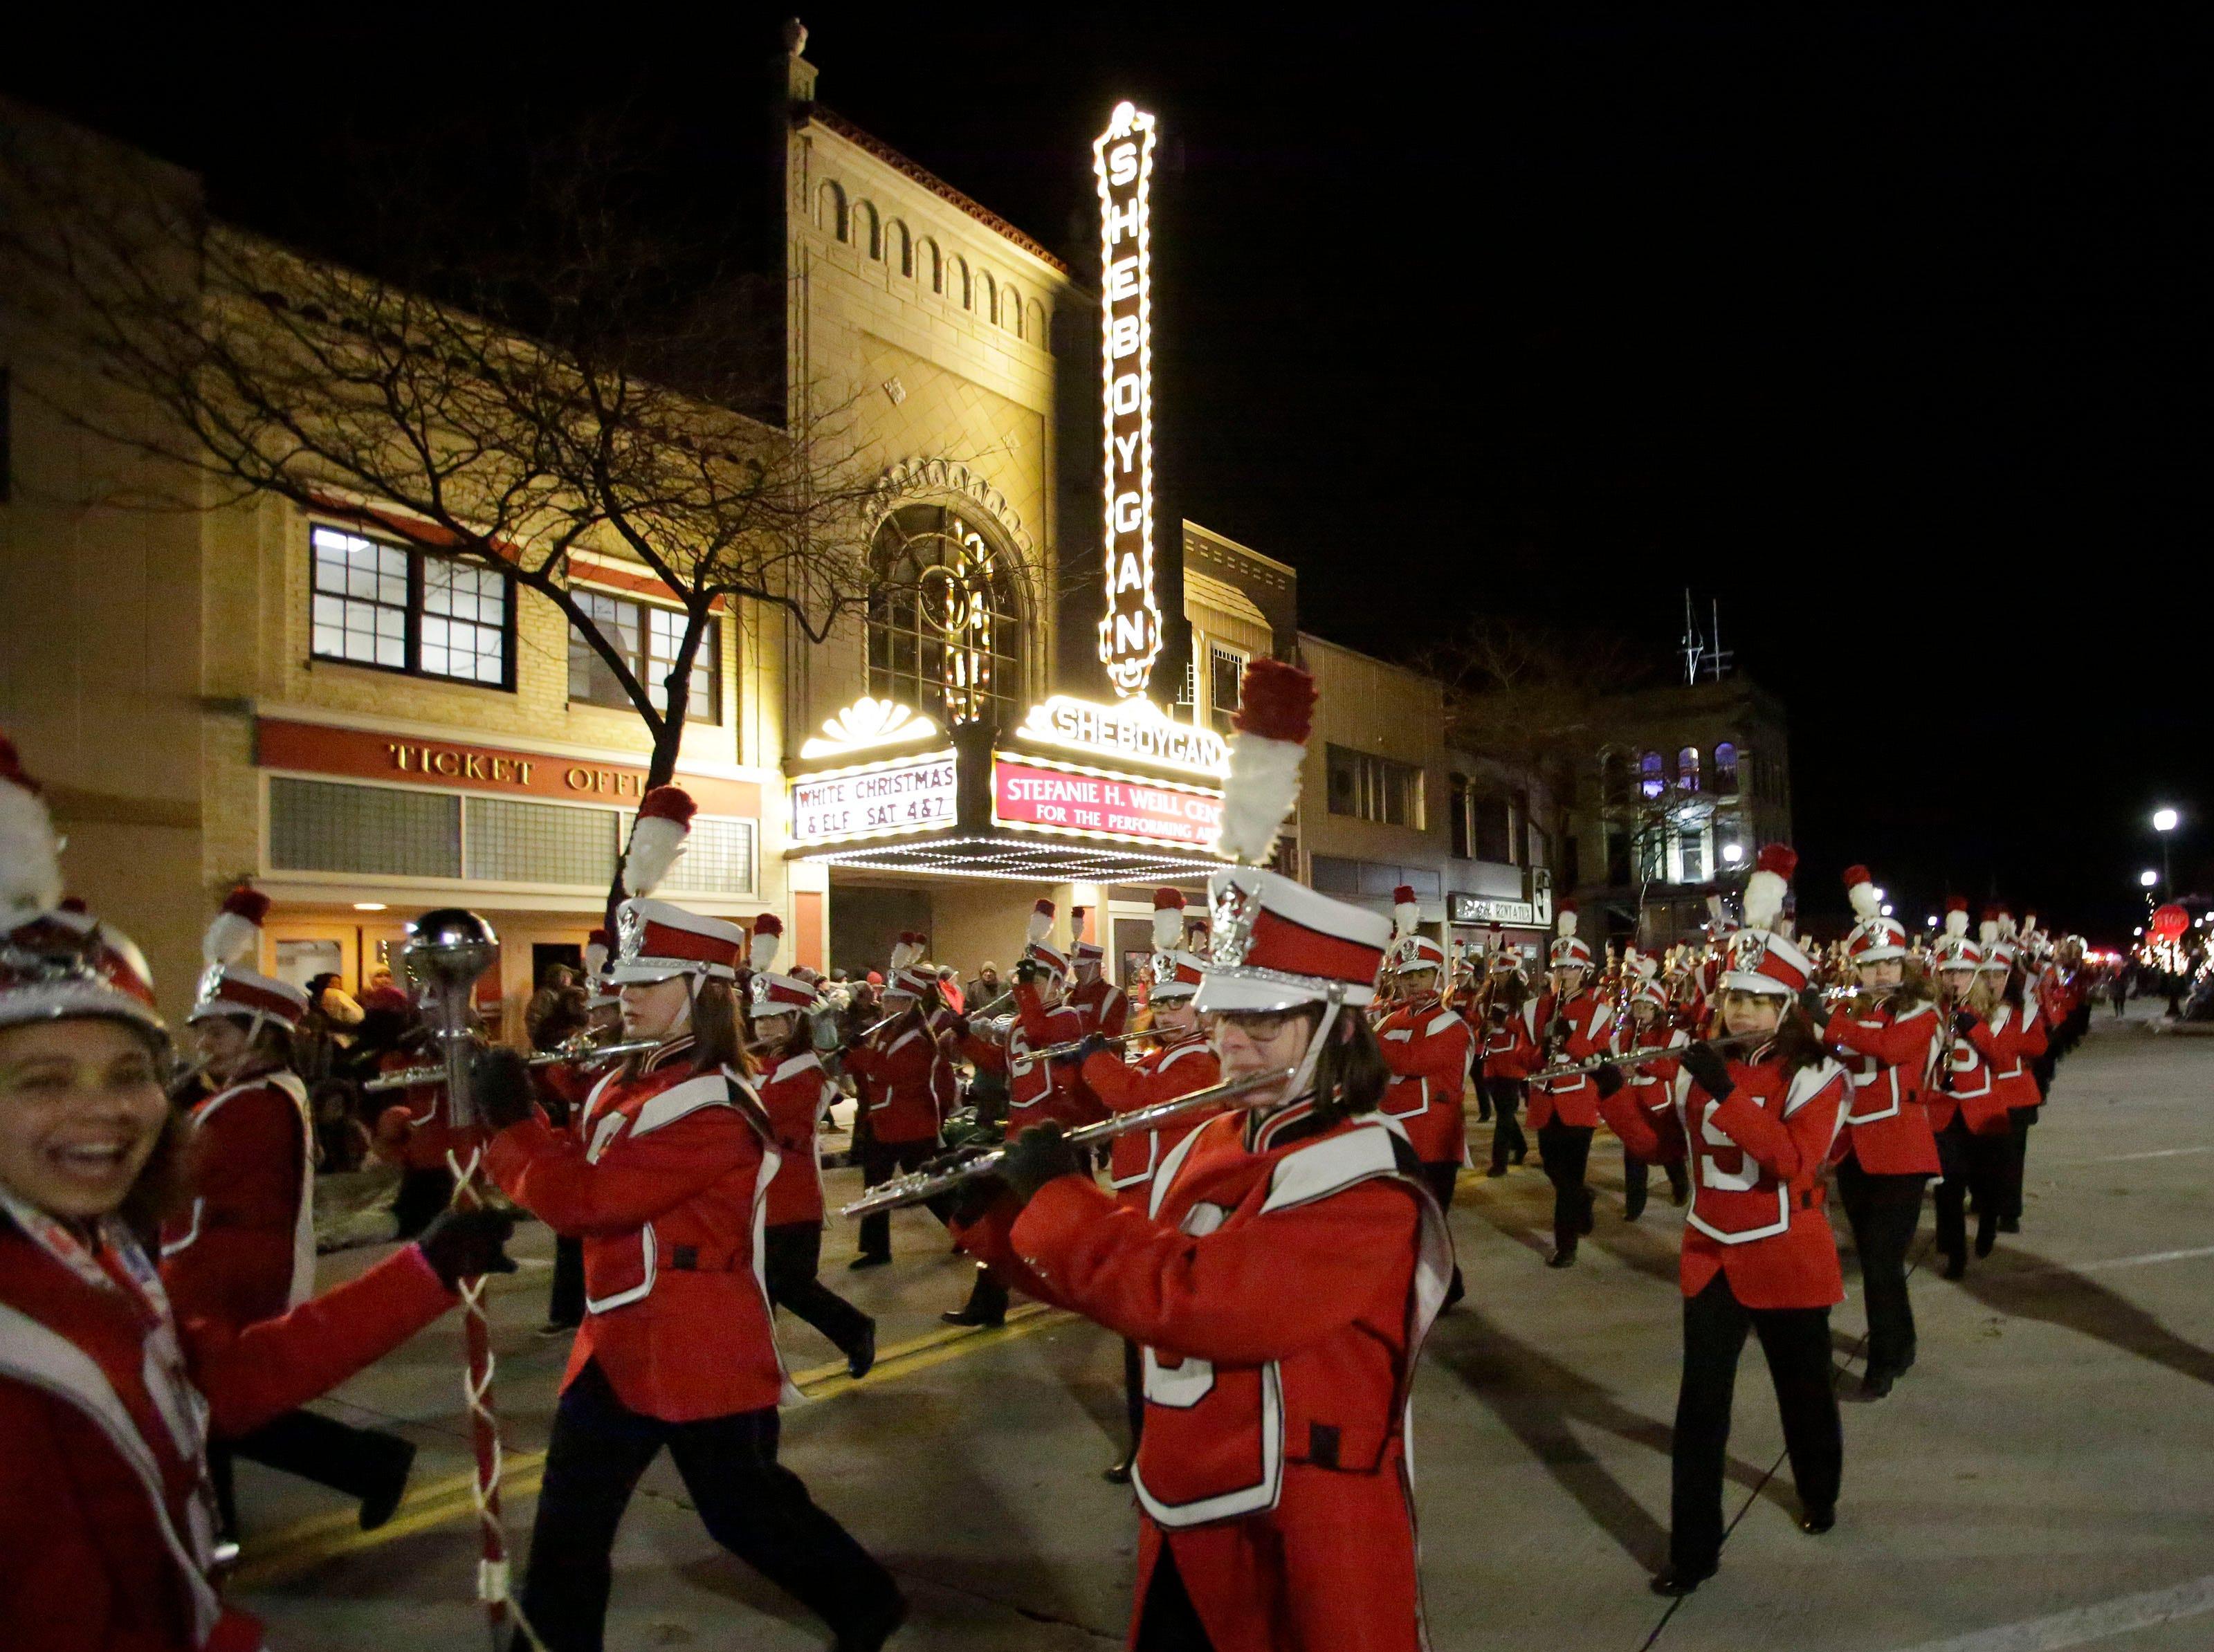 Sheboygan South's marching band performs at the 26th Annual Jaycees Holiday Parade, Sunday, November 25, 2018 in Sheboygan, Wis.